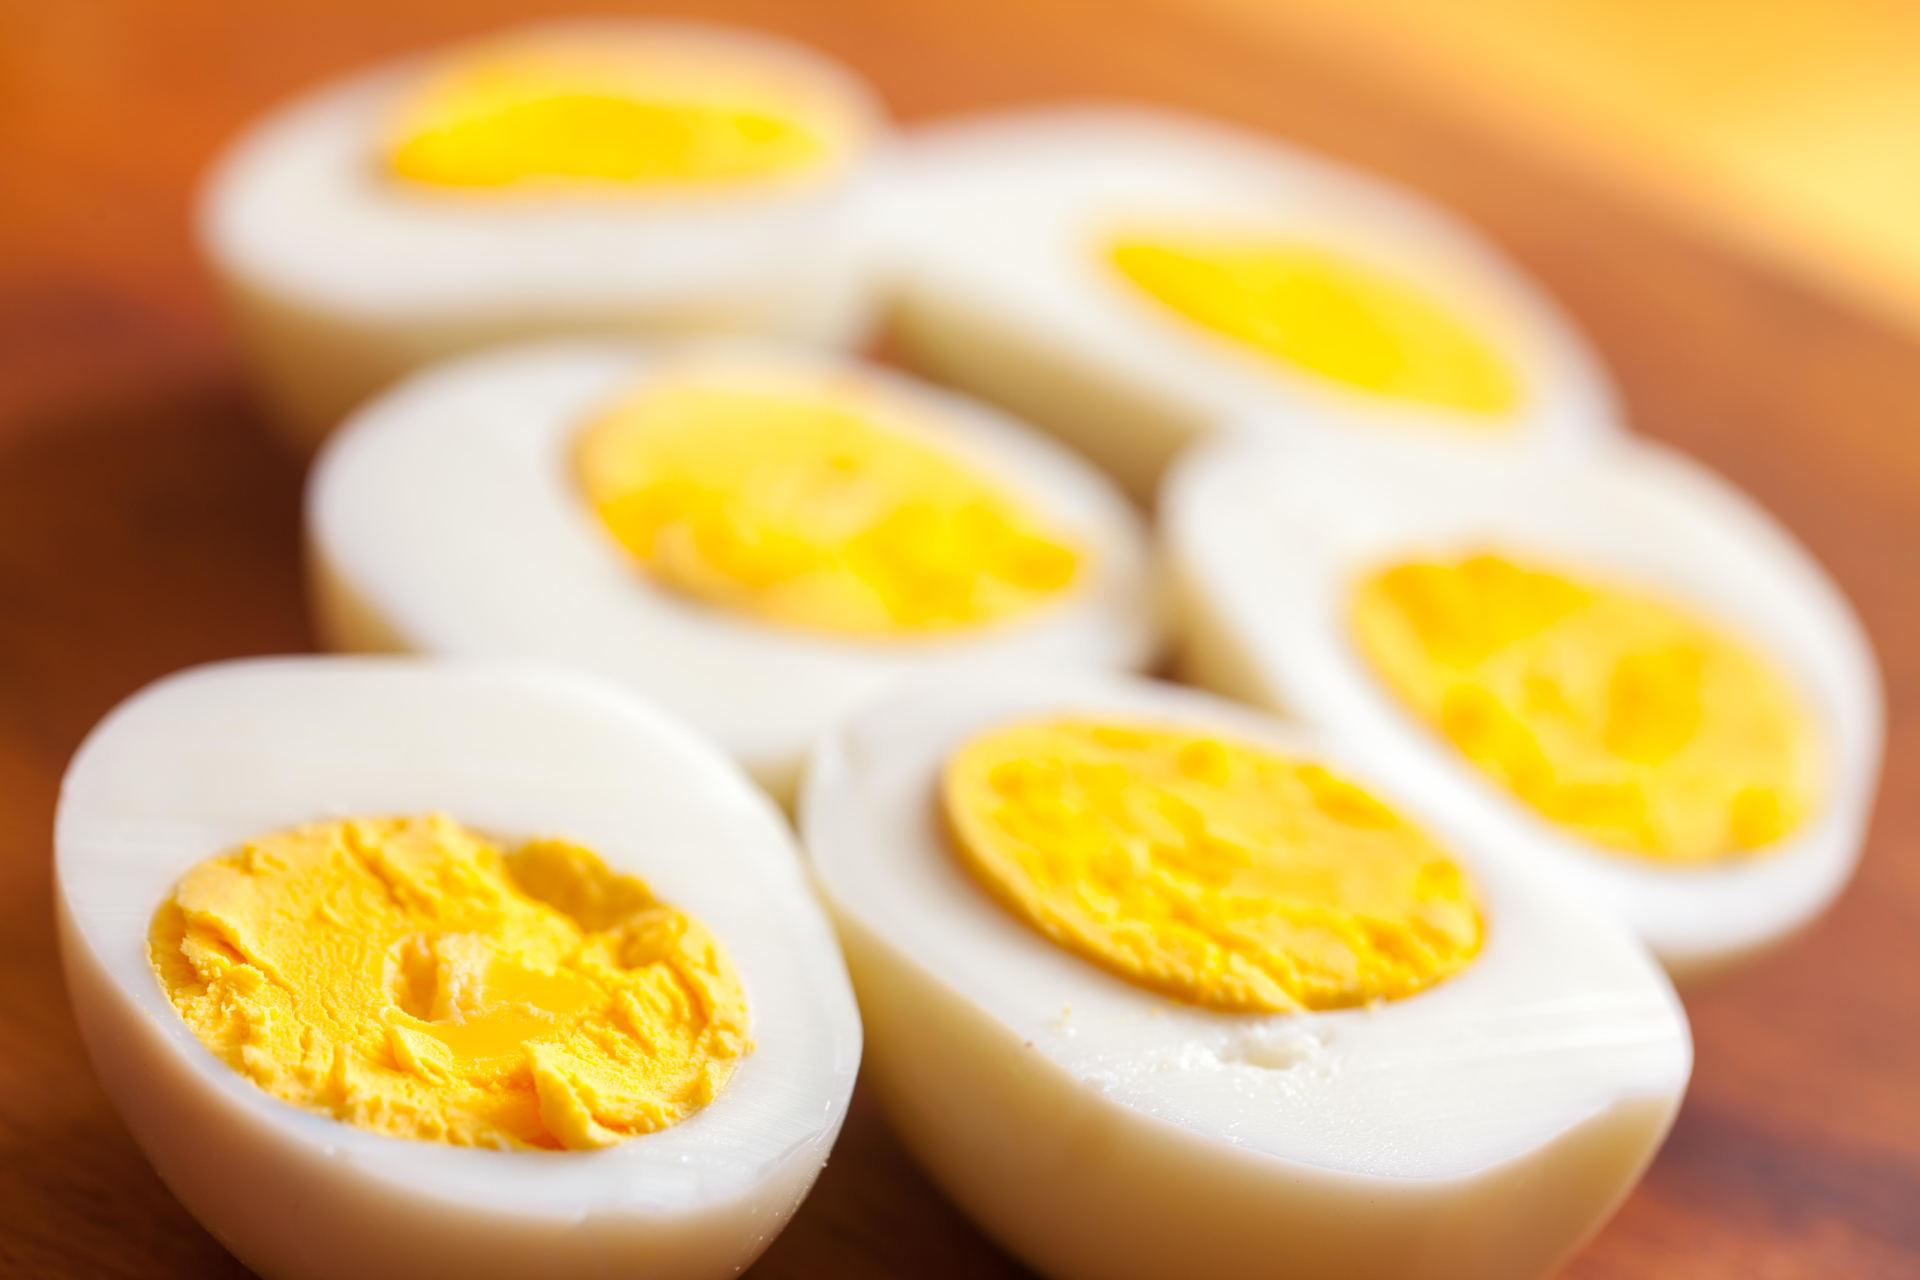 ar galima išgerti žalią kiaušinį su hipertenzija